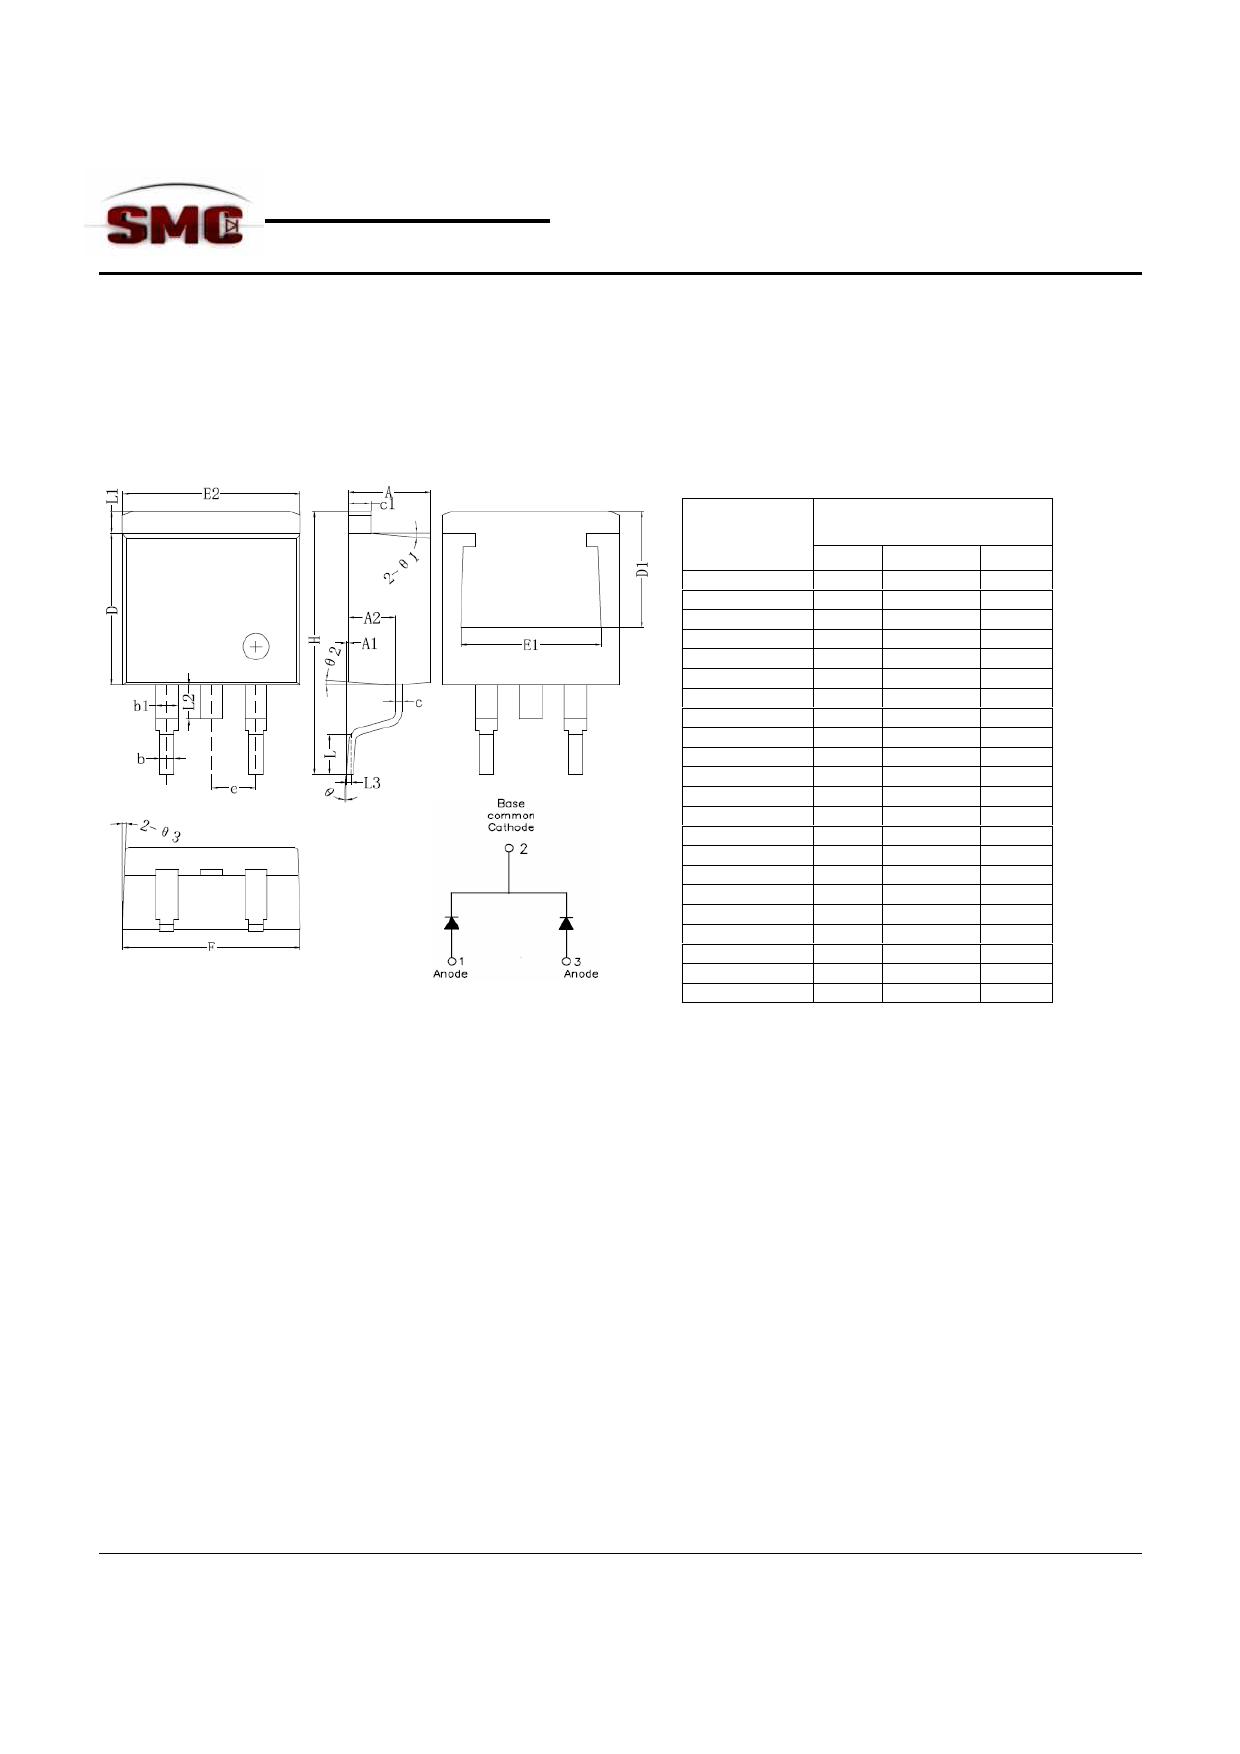 STB10150C pdf, schematic